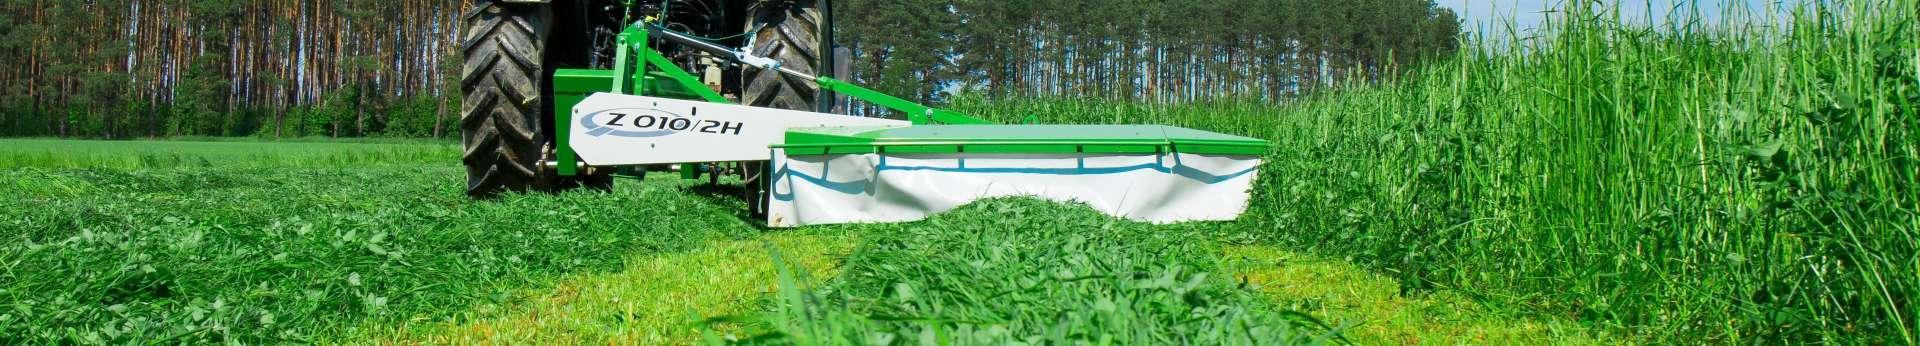 Zielona kosiarka bębnowa zawieszana tylna Z010/2H produkowana przez Samasz kosi trawę na łące. korbanek.pl